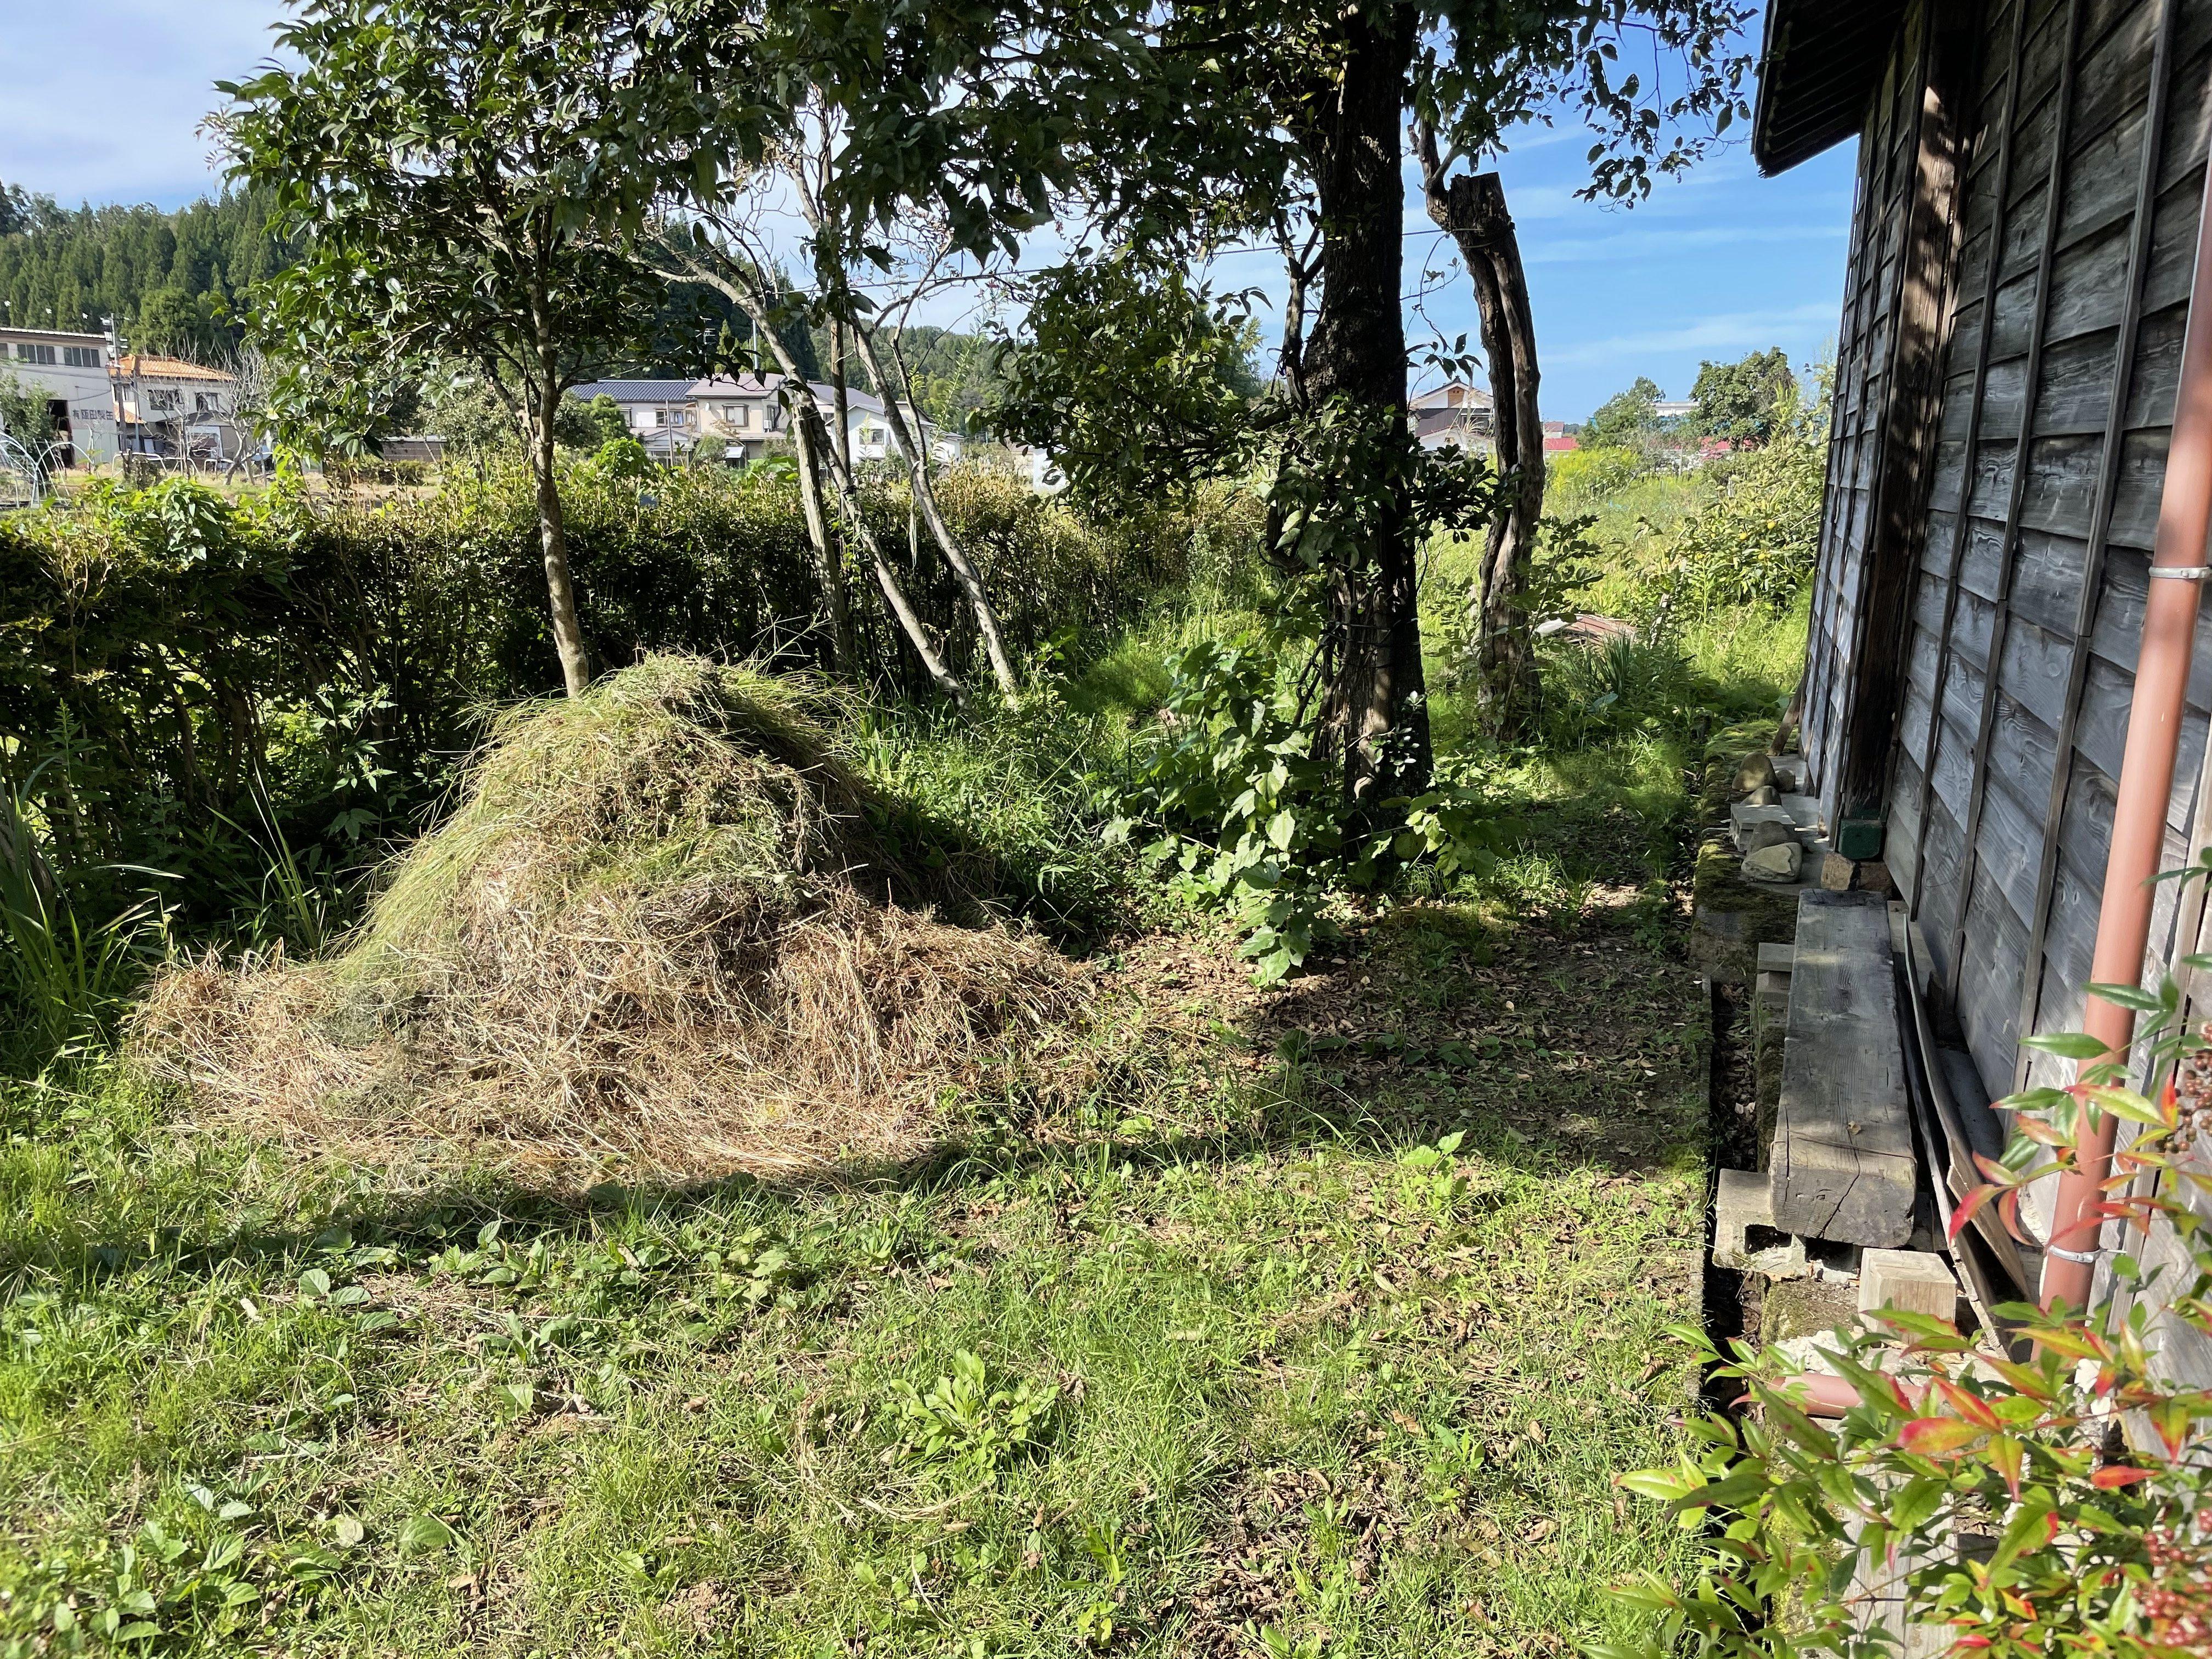 自宅周りの草取りのお手伝いをお願いします。2